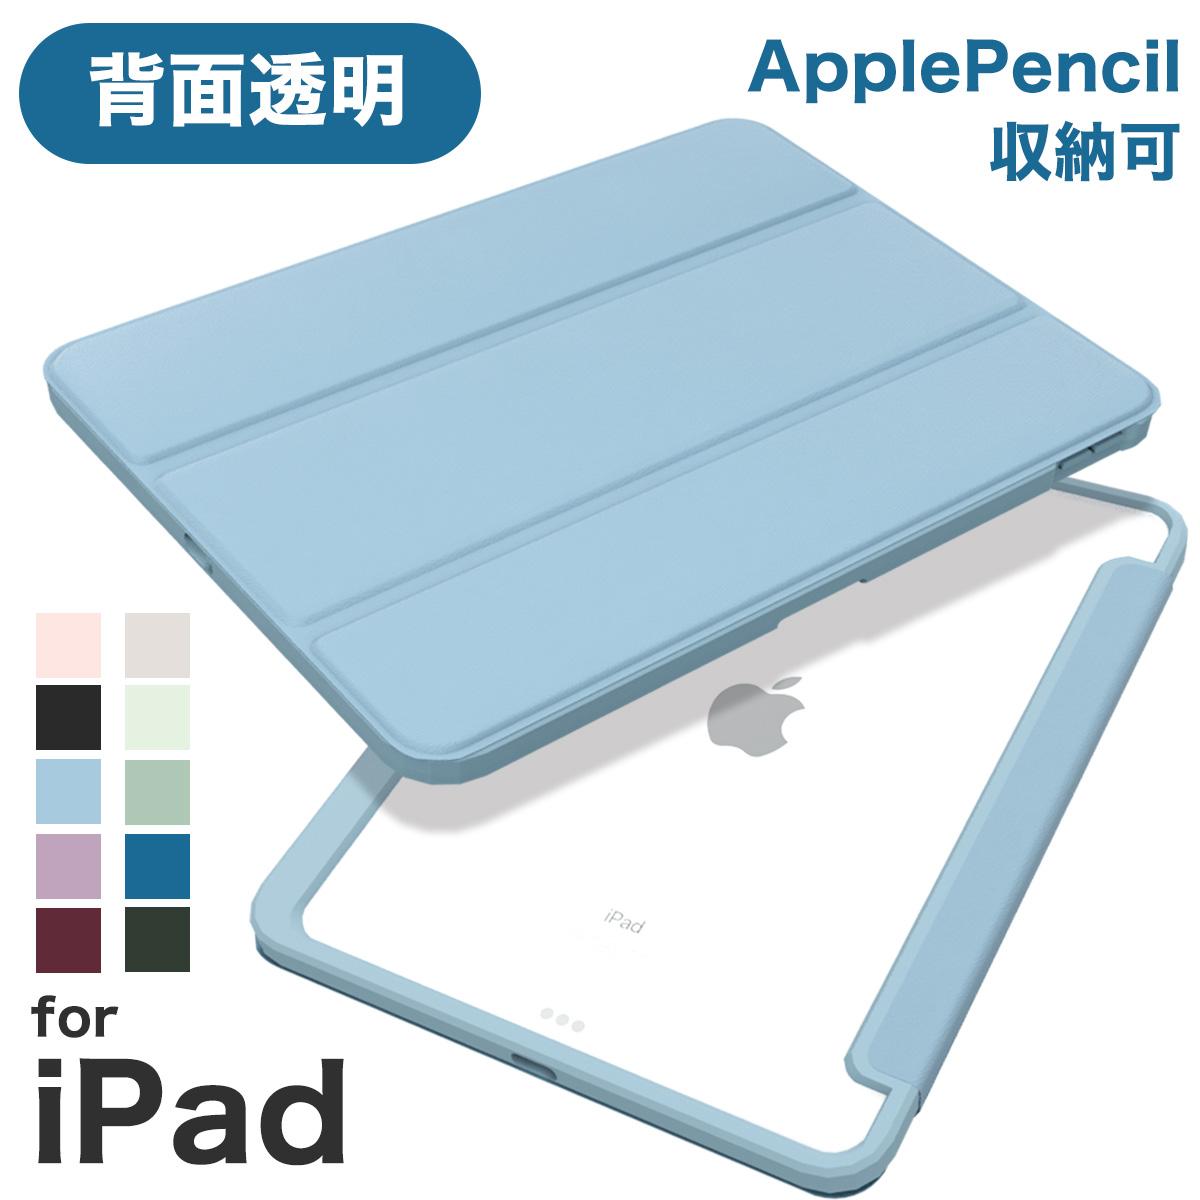 全7色 ゆうパケット送料無料 Apple Pencil ホルダー 付き 背面透明 薄型 ケース 新型 2021年発売モデル 2020年発売モデル 限定価格セール 対応 iPad iPadAir4 iPad10.2 ペン収納付き 背面クリア 10.2 絶品 Air4 第8世代 耐衝撃 可愛い アイパッドケ 第3世代 10.2インチ 11 2019 Pro 2世代 アップルペンシル カバー 11インチ 2021 Air 10.9インチ 第7世代 2020 第4世代